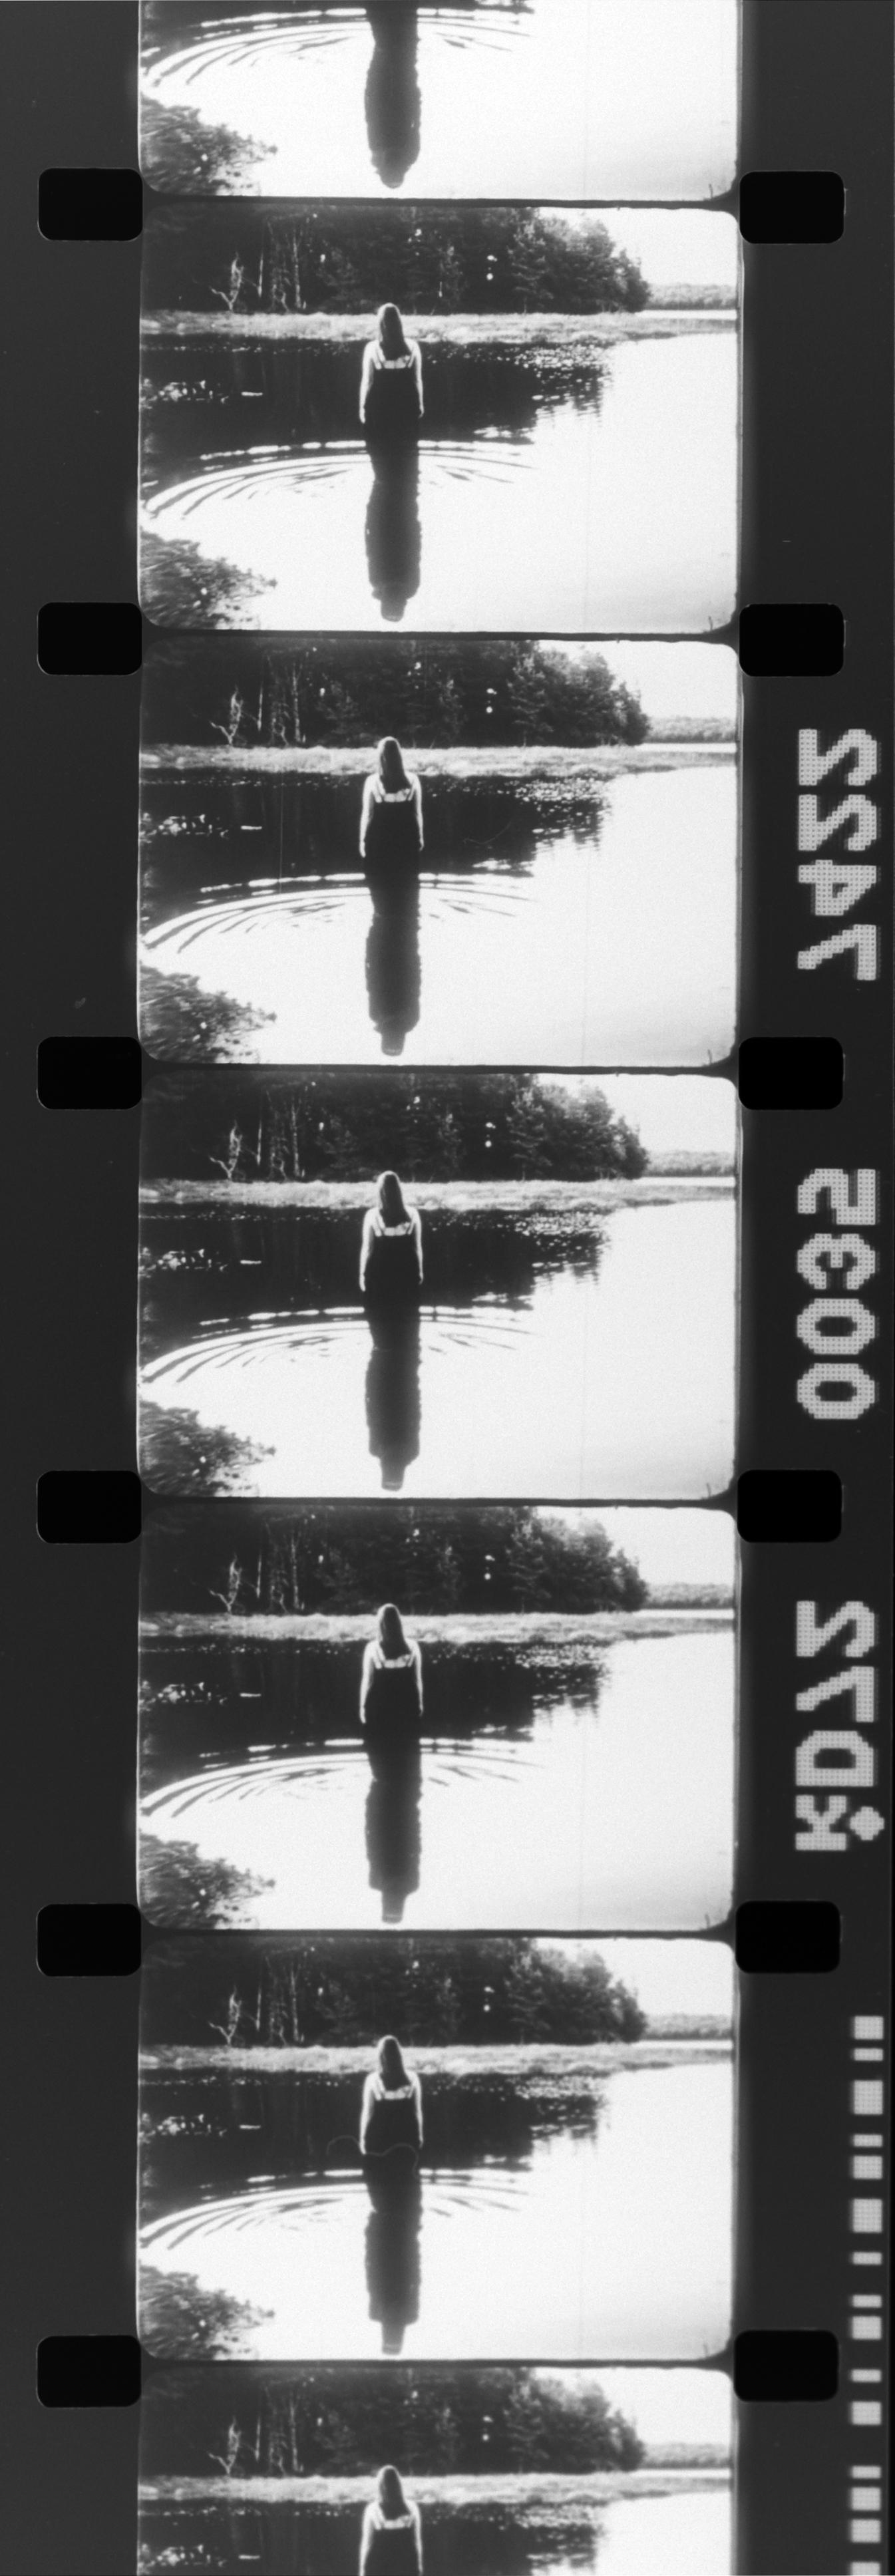 turning film strip